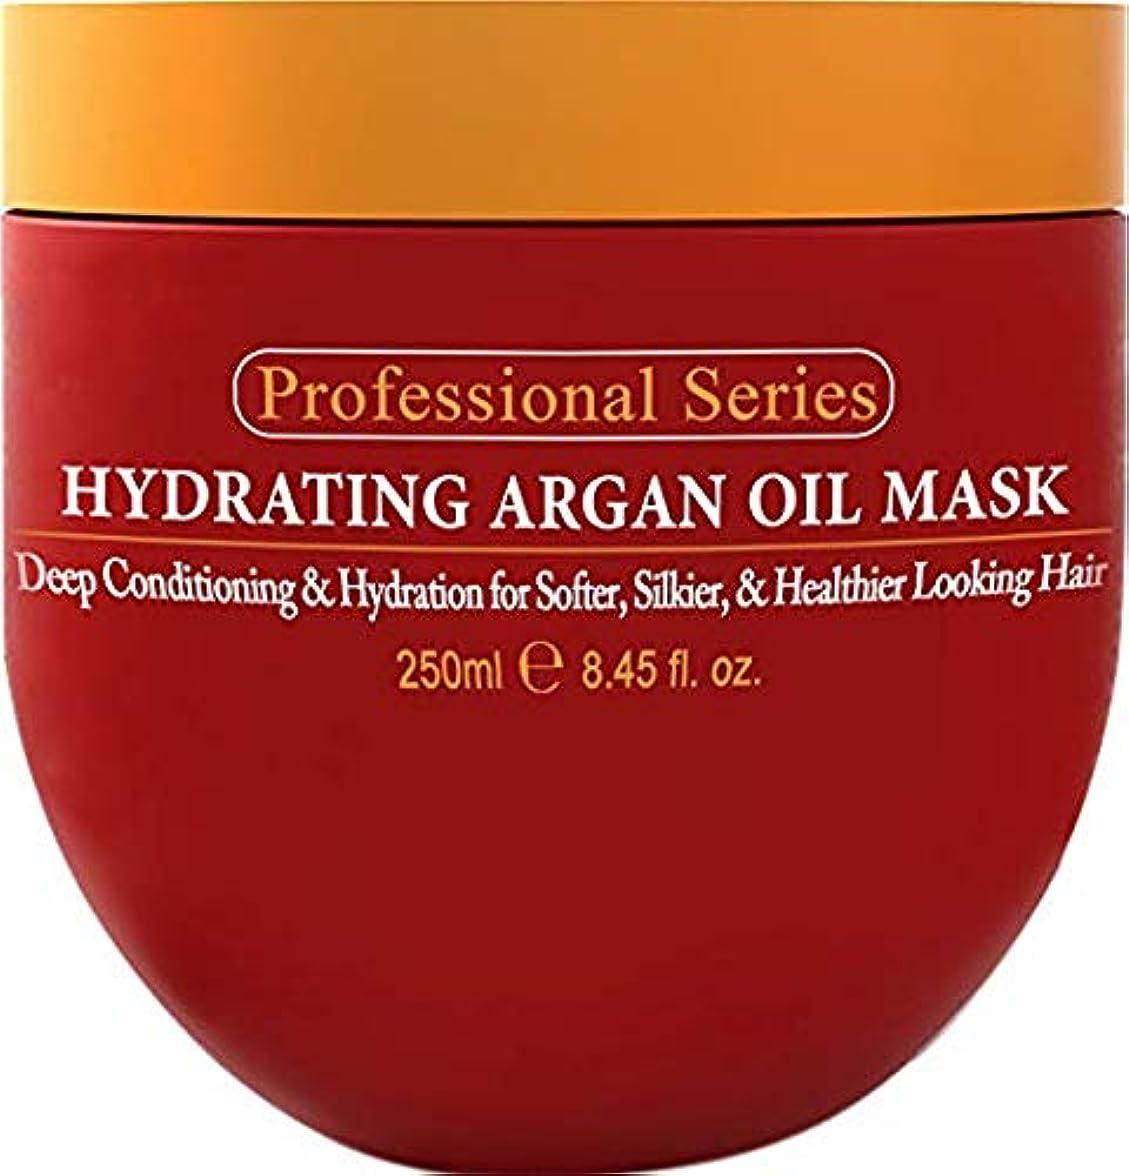 オーロック非常に爆発するアルガンオイルヘアマスク Hydrating Argan Oil Hair Mask and Deep Conditioner 8.45 Oz 250ml 海外直送品 [並行輸入品]